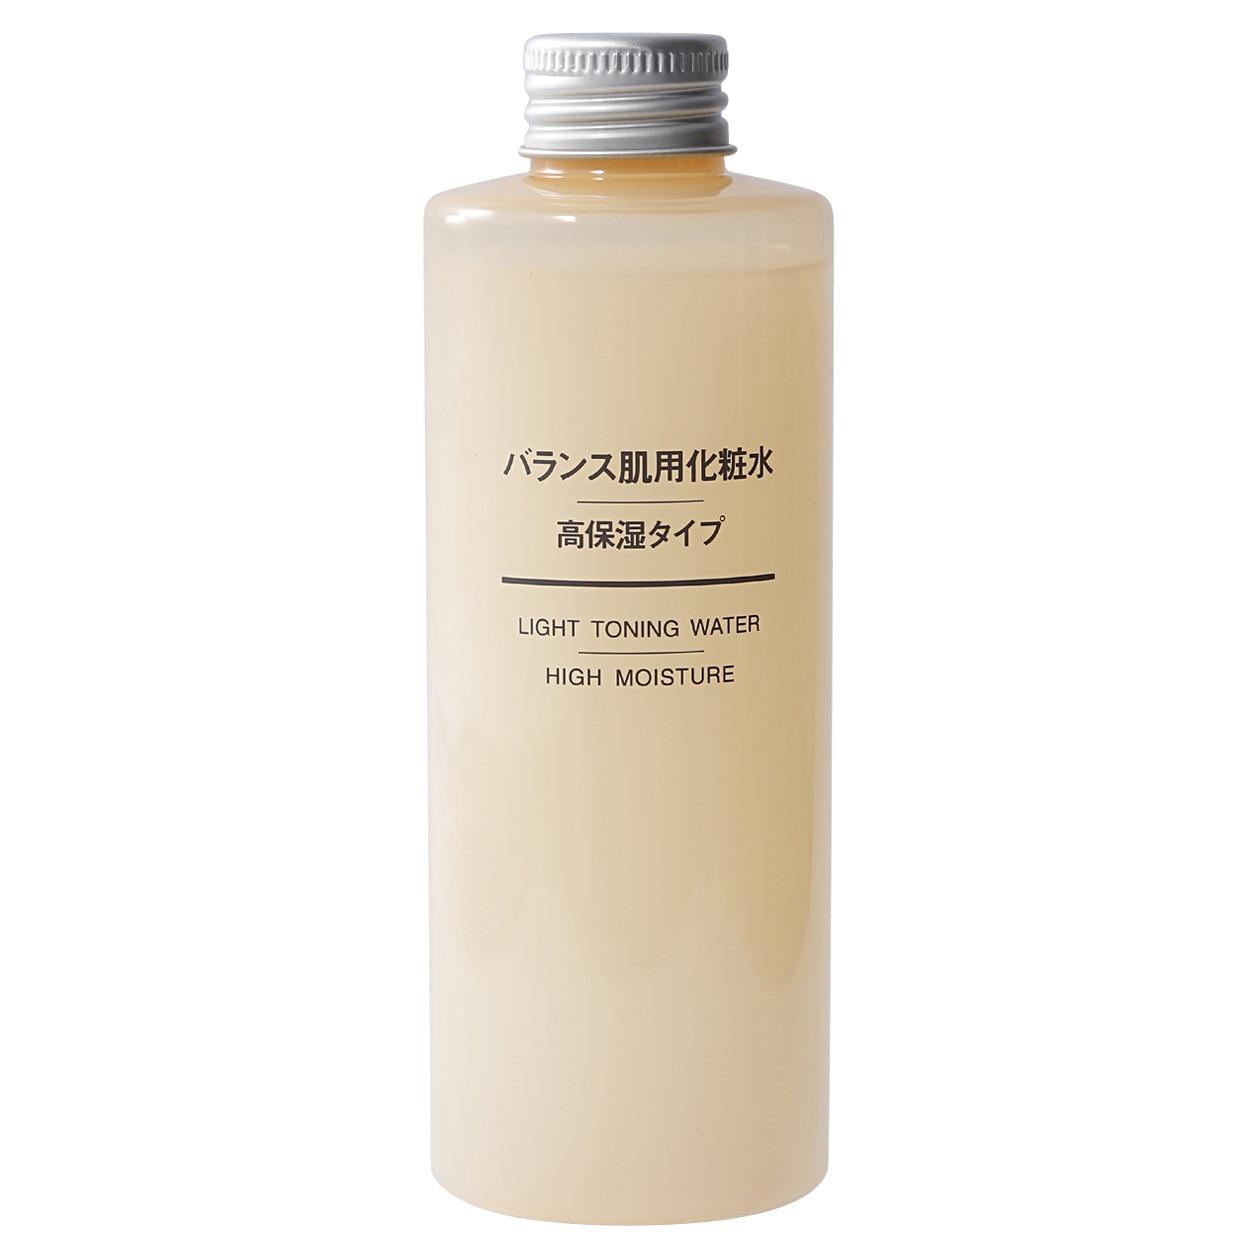 無印 バランス肌用化粧水200ml